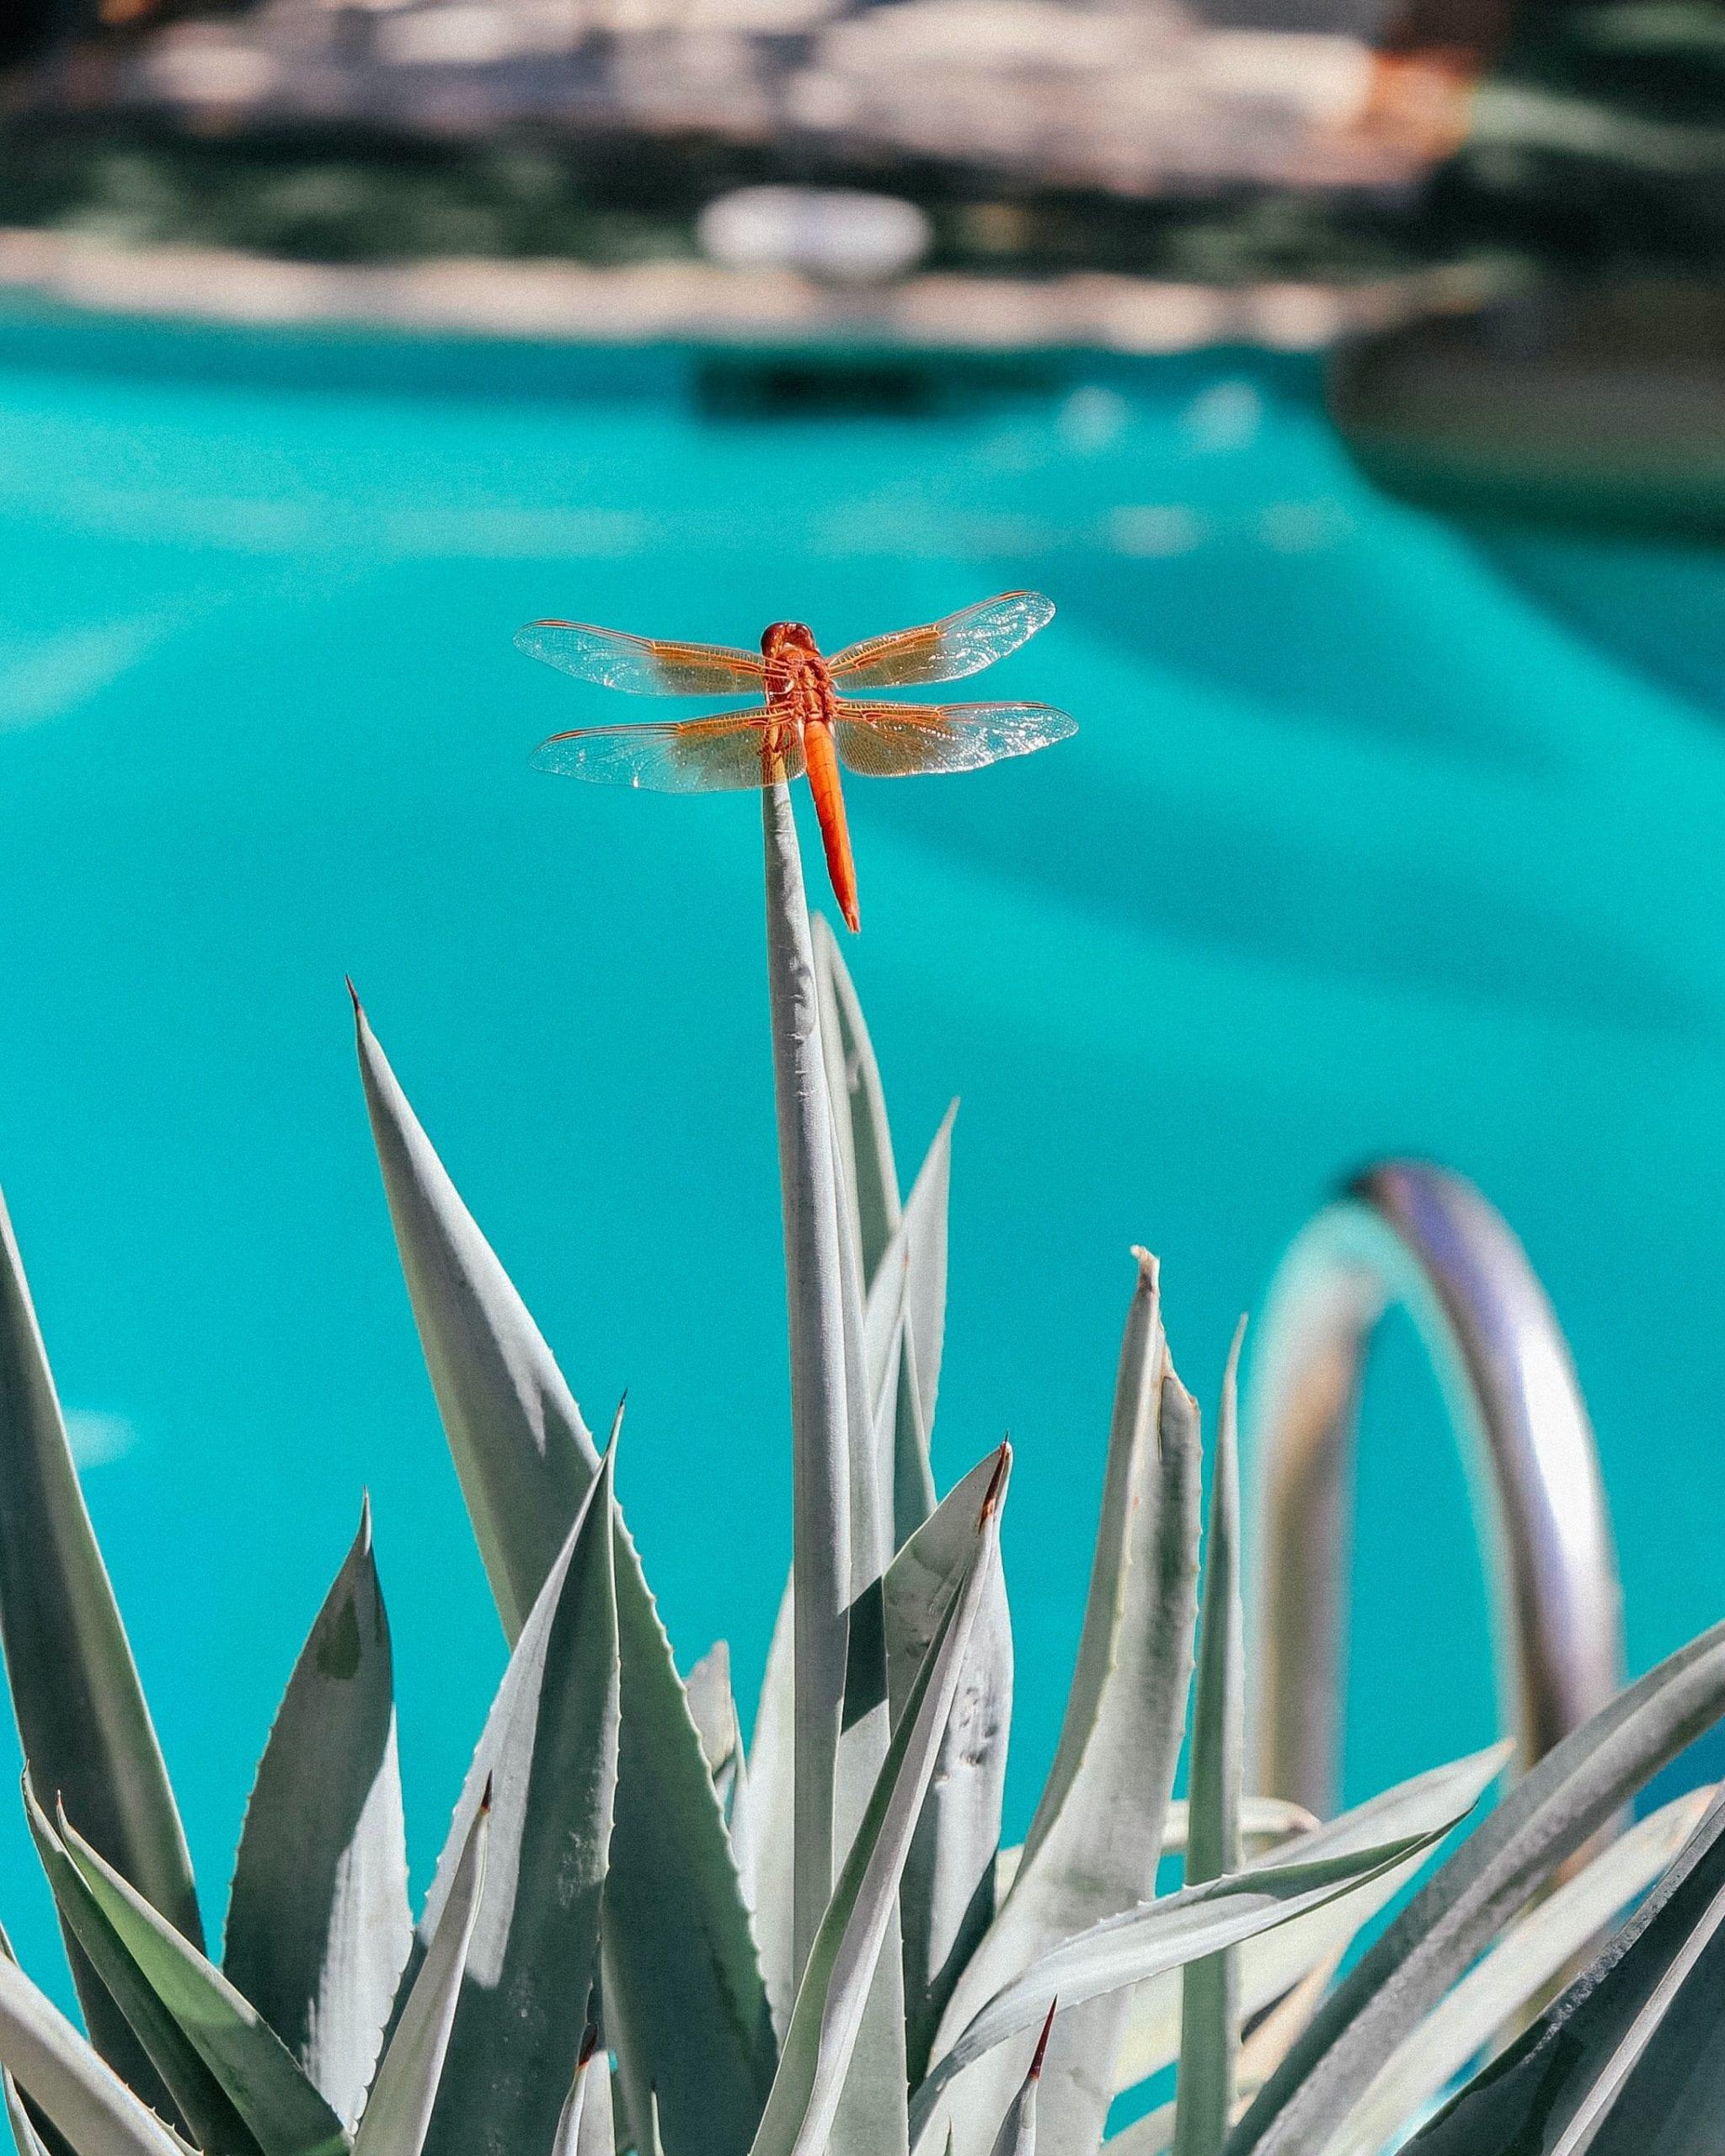 Pflanzen am Pool sind dekorativ und belebend.